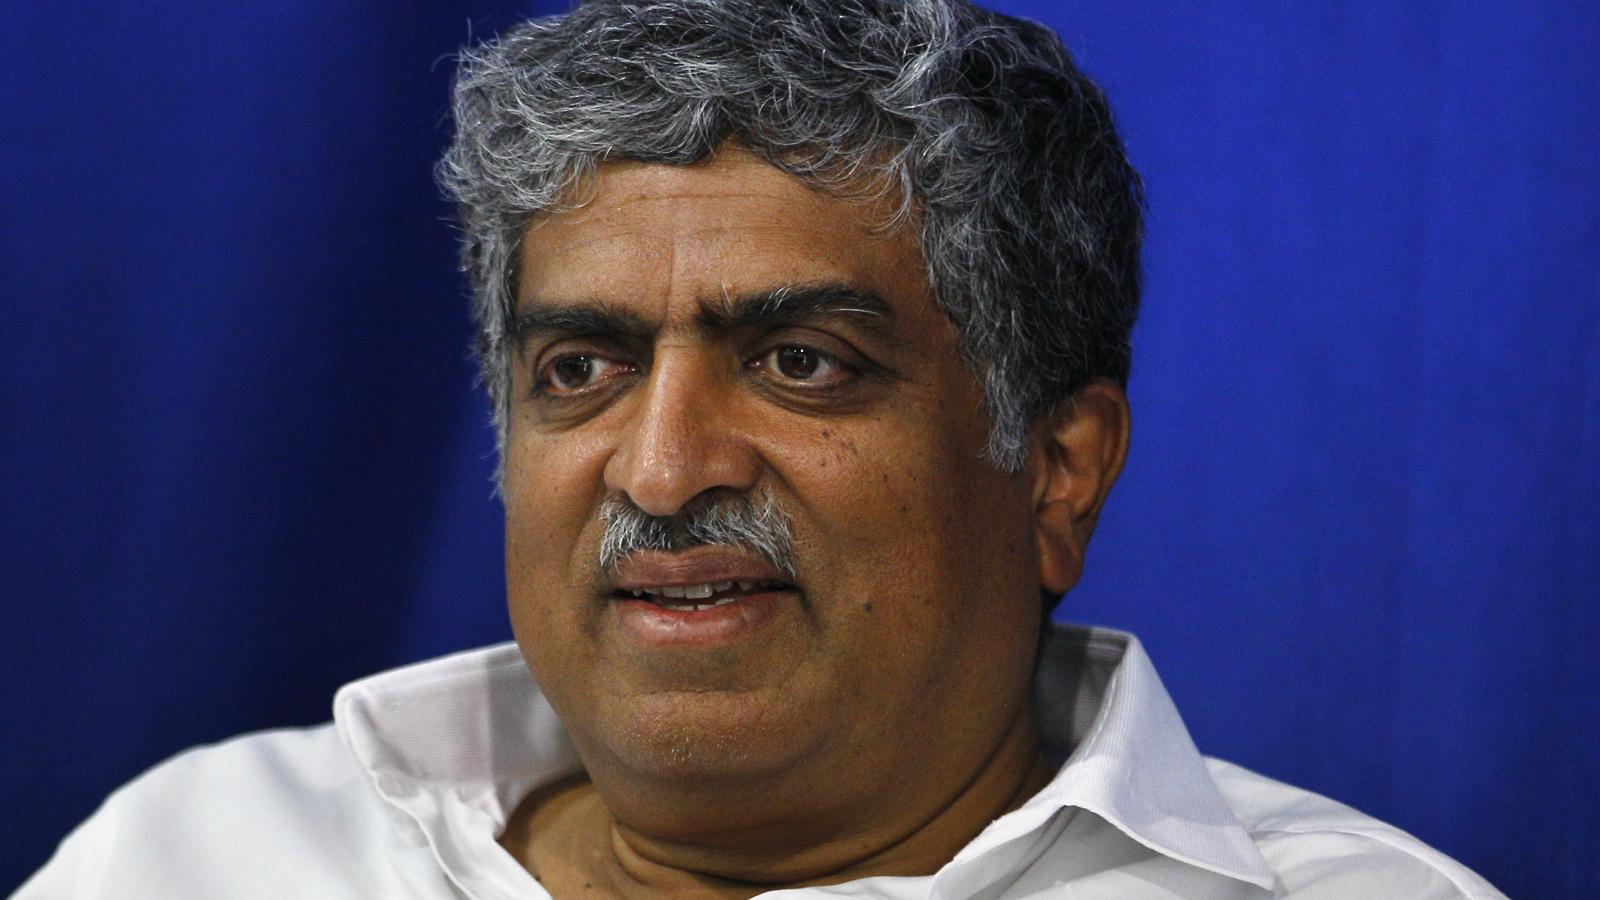 Aadhaar-Nandan-Nilekani-Biometrics-UIDAI